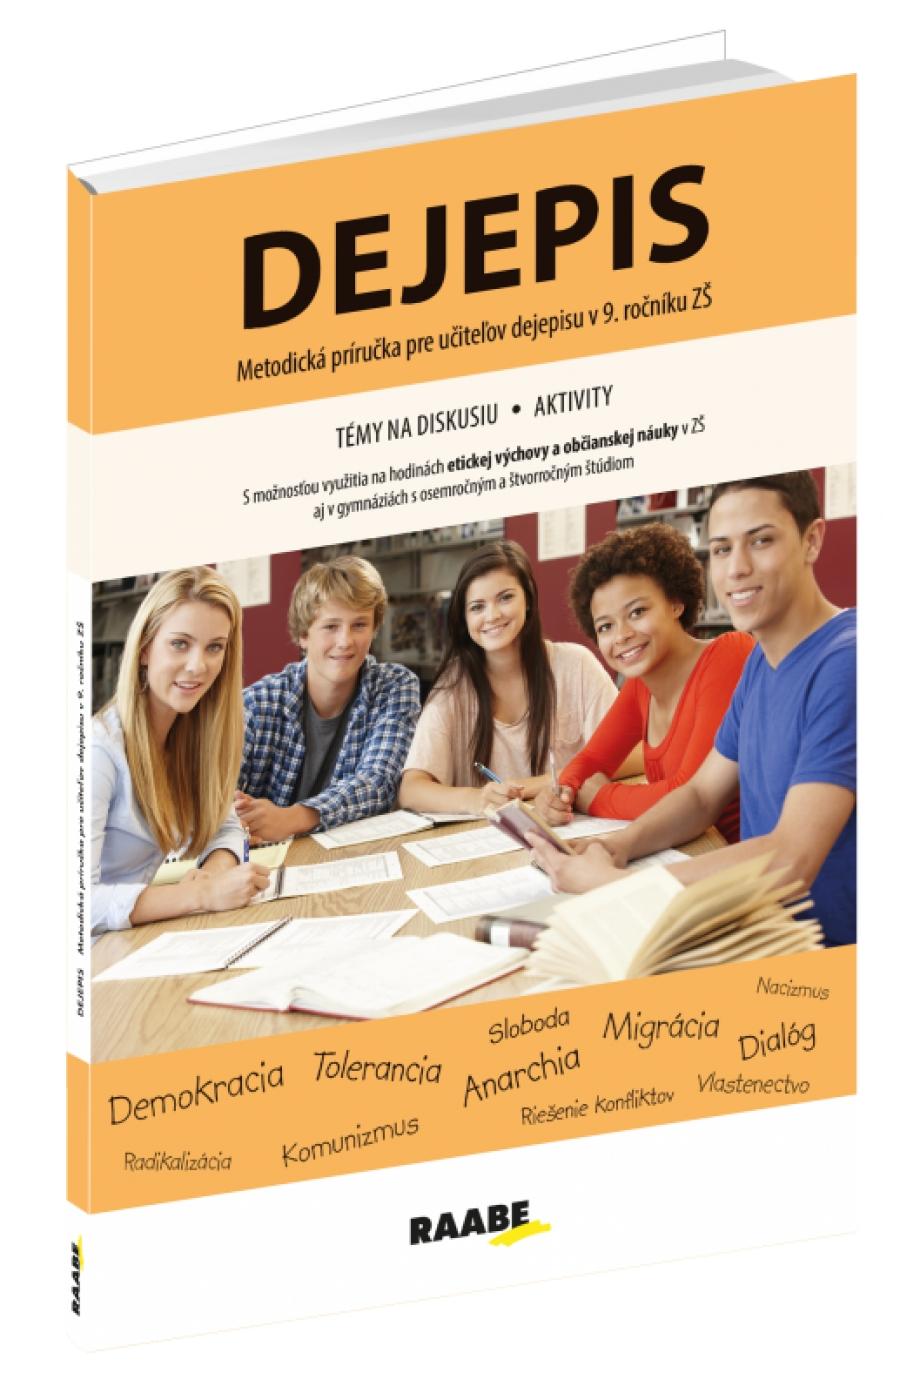 Dejepis - metodická príručka pre učiteľov dejepisu